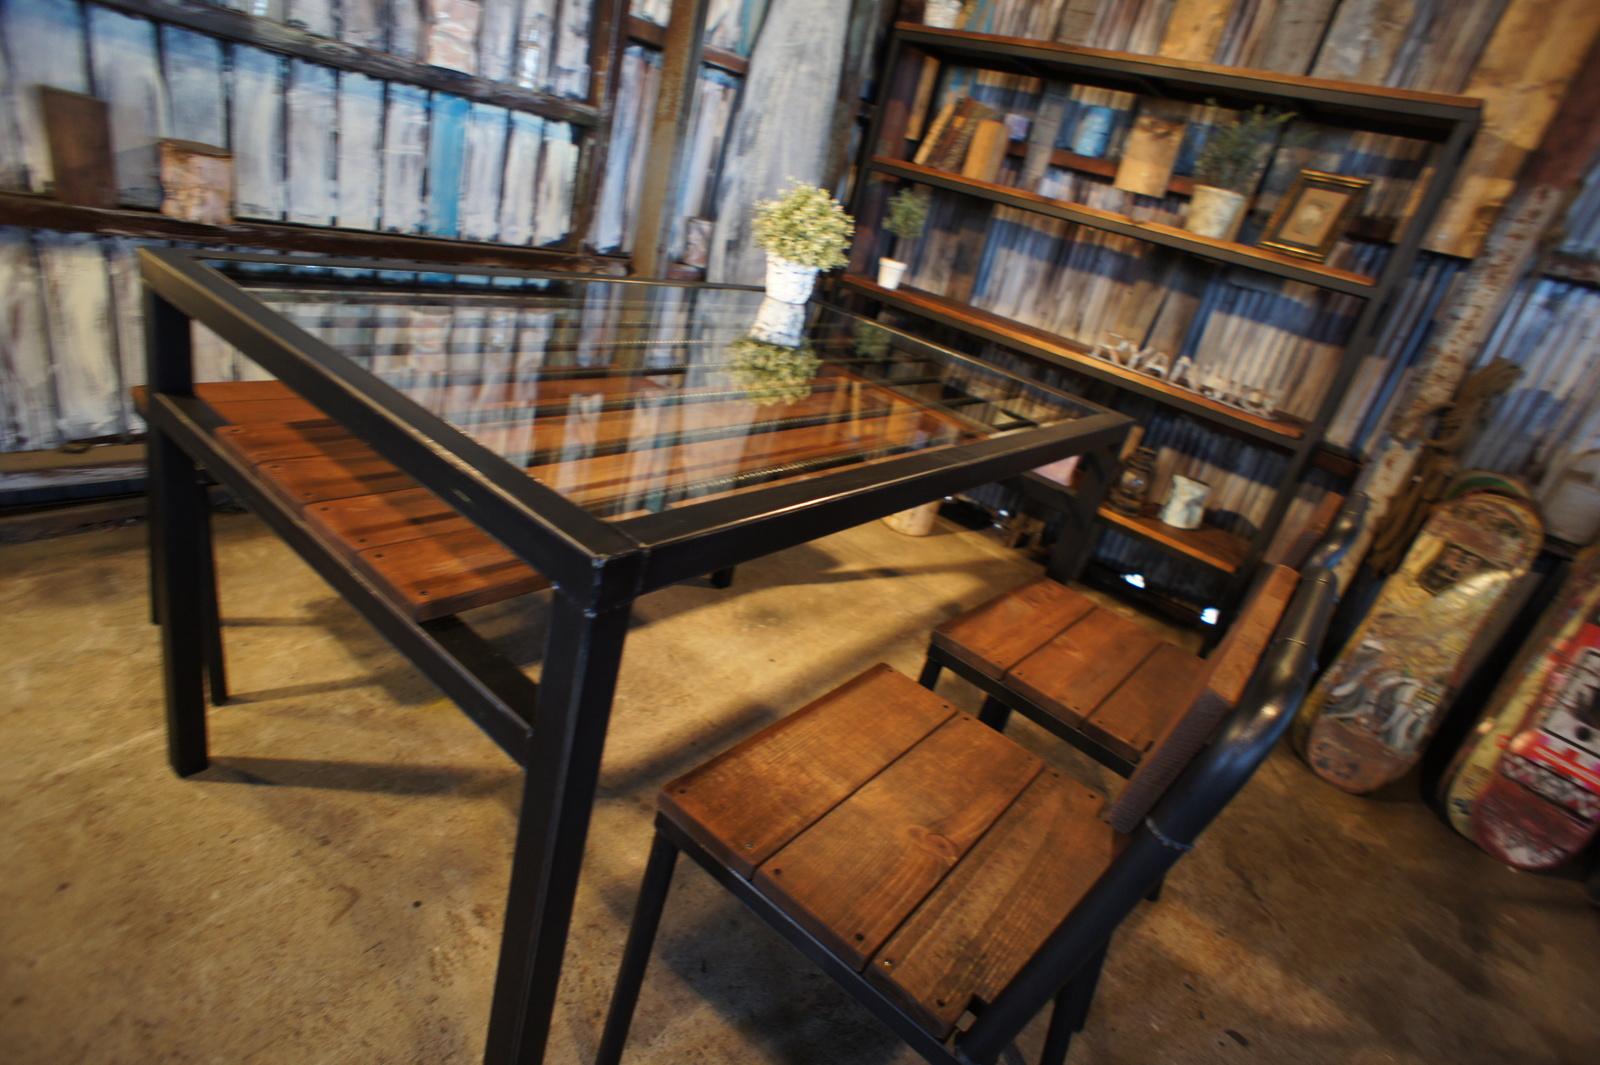 アイアン&ウッド 4人掛け ガラスダイニングテーブル   W1200 C=チョコブラウン